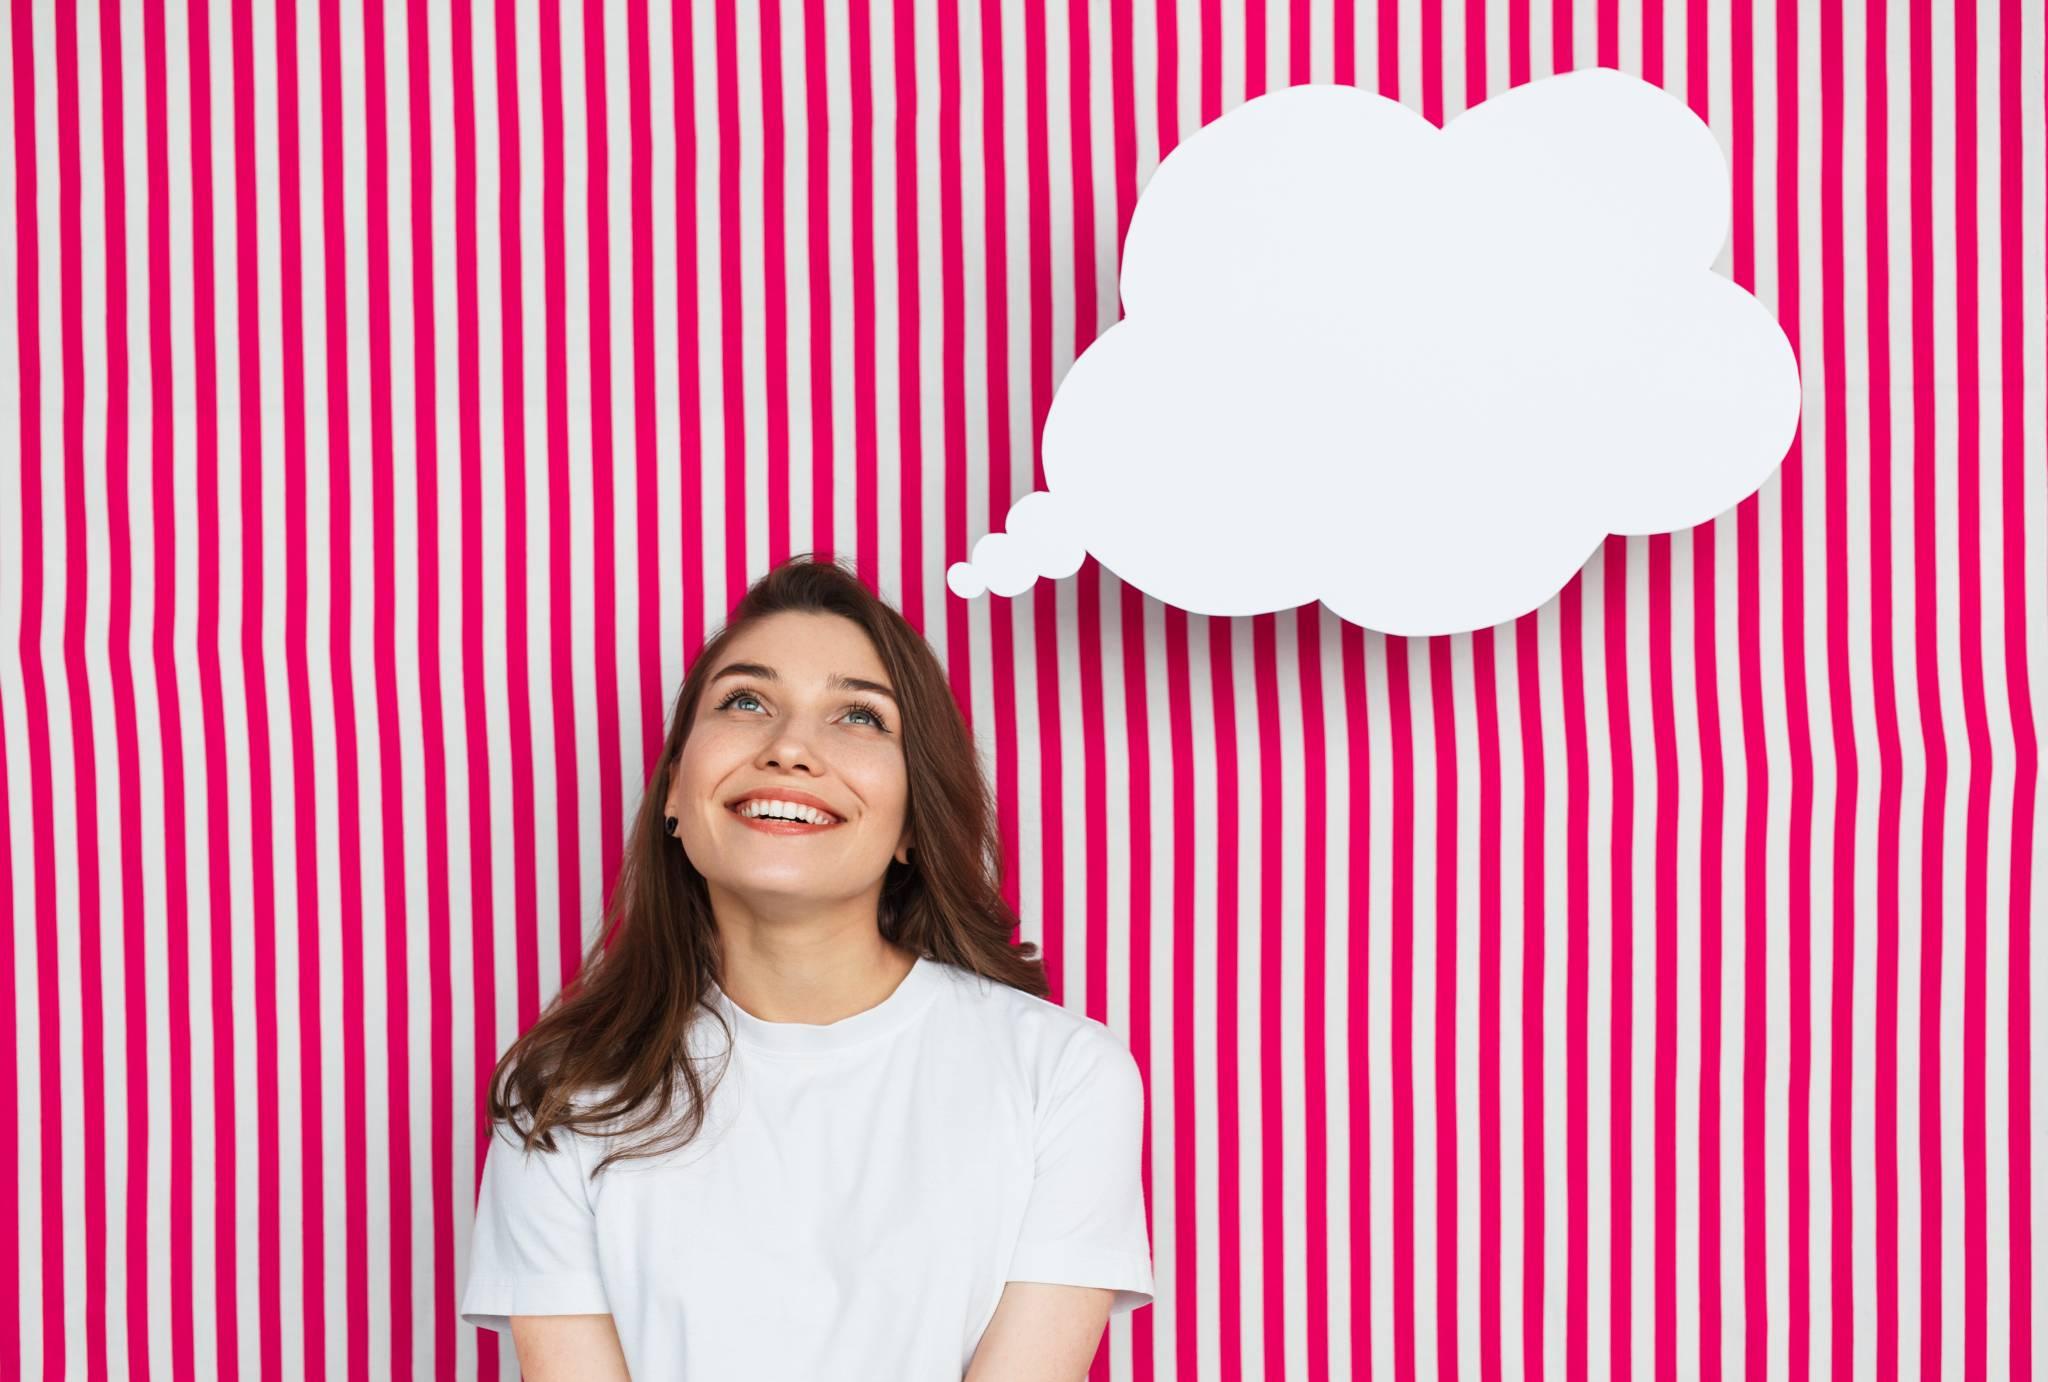 Trening dla zapominalskich: 6 ćwiczeń ku pamięci